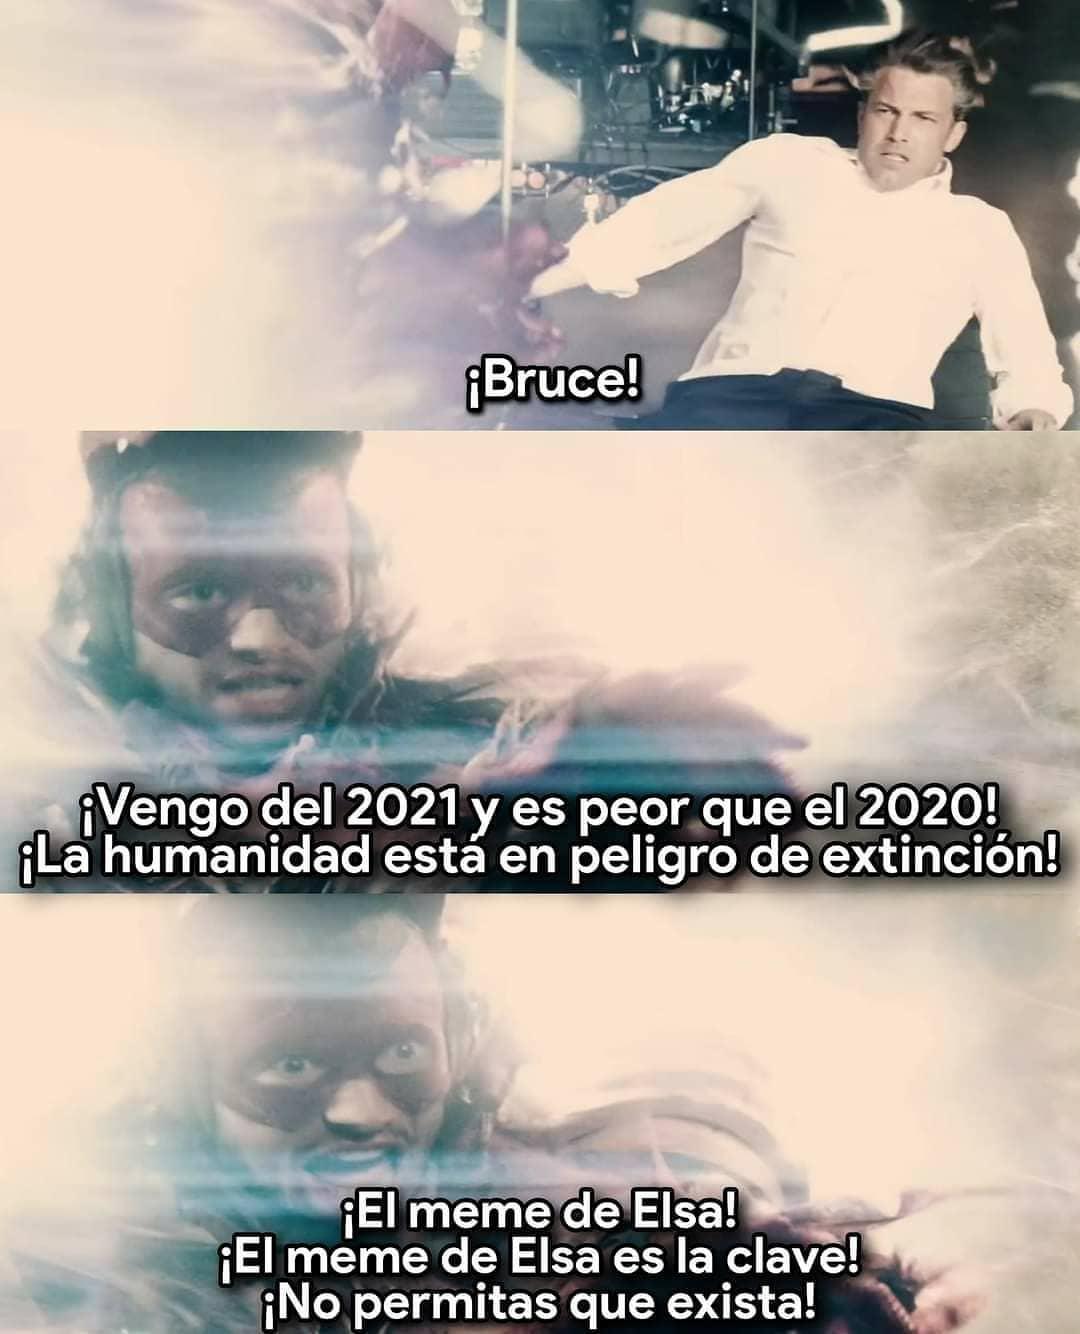 ¡Bruce! ¡Vengo del 2021 y es peor que el 2020! ¡La humanidad está en peligro de extinción!  ¡El meme de Elsa! ¡El meme de Elsa es la clave! ¡No permitas que exista!